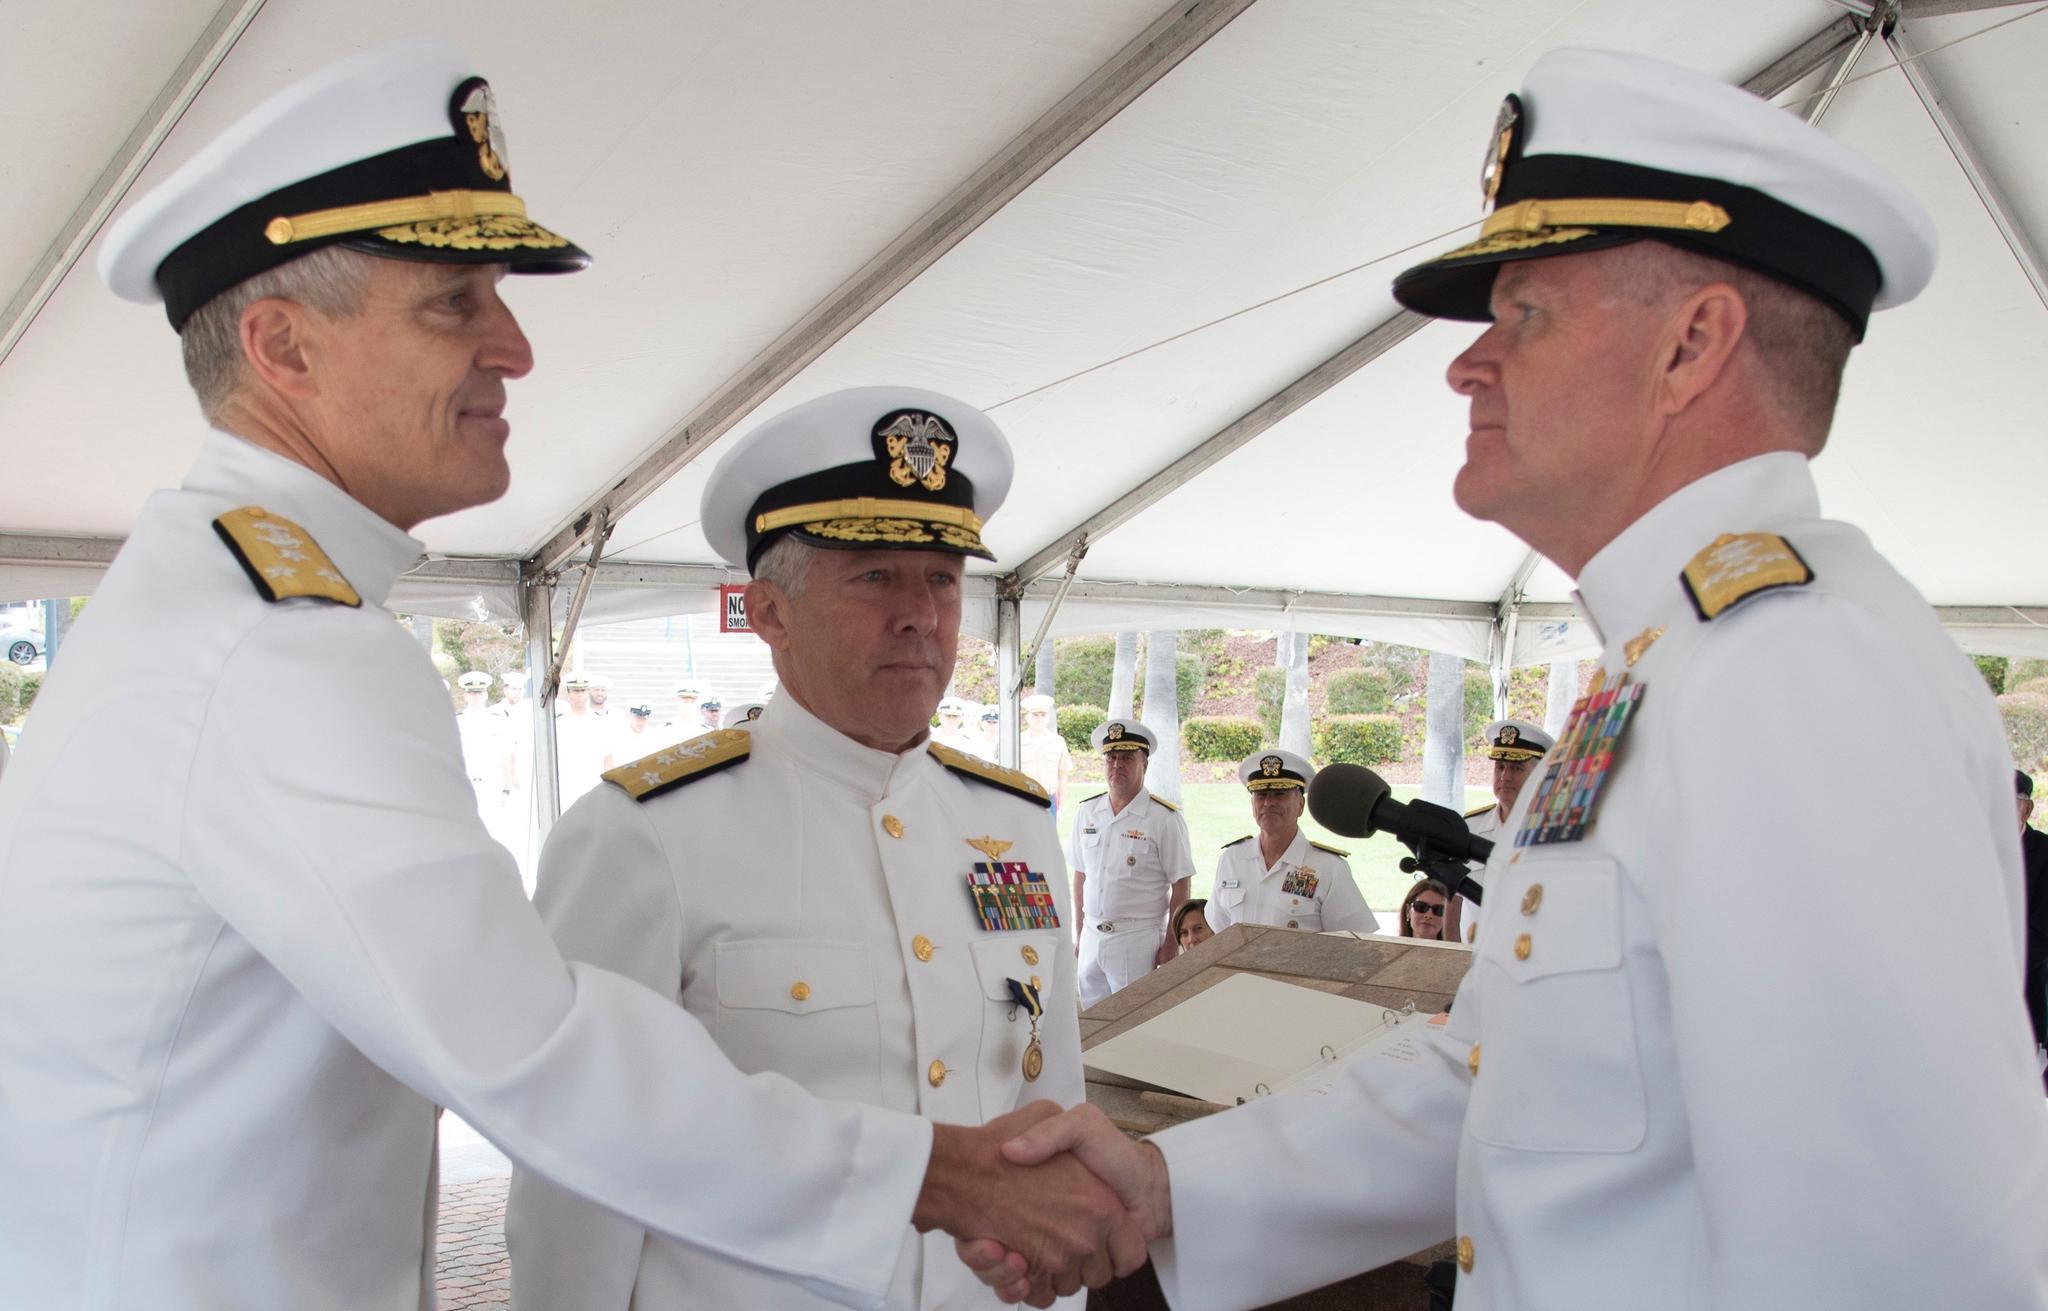 左侧的史蒂夫·科勒中将与右侧的塞缪尔·帕帕罗上将握手,接受其祝贺